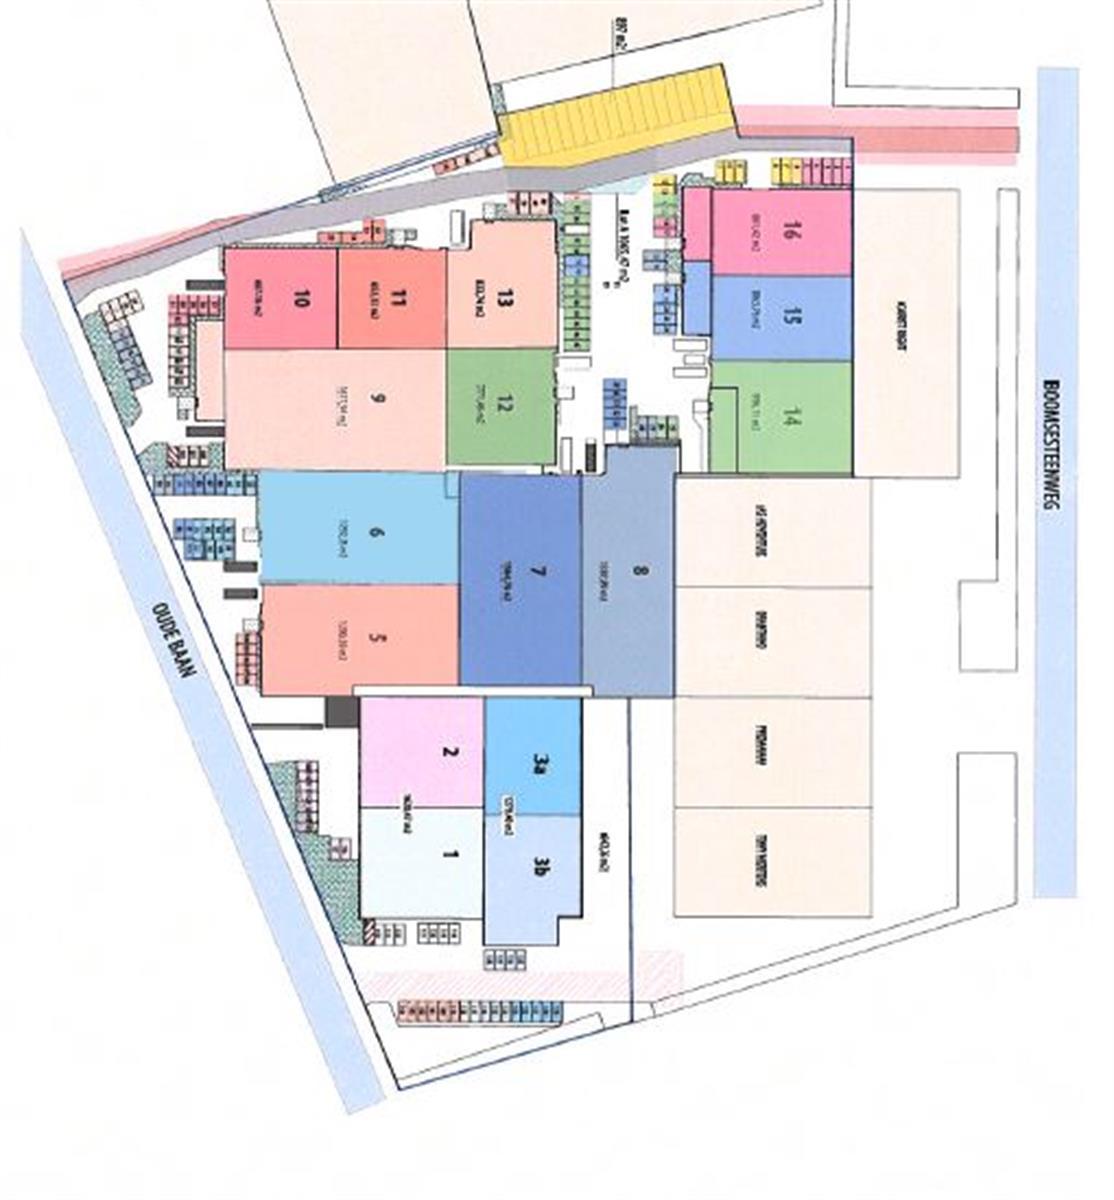 kantoren & magazijn te koop OUDEBAAN 71 WILRIJK - Oudebaan 71, 2610 Antwerpen Wilrijk, België 15